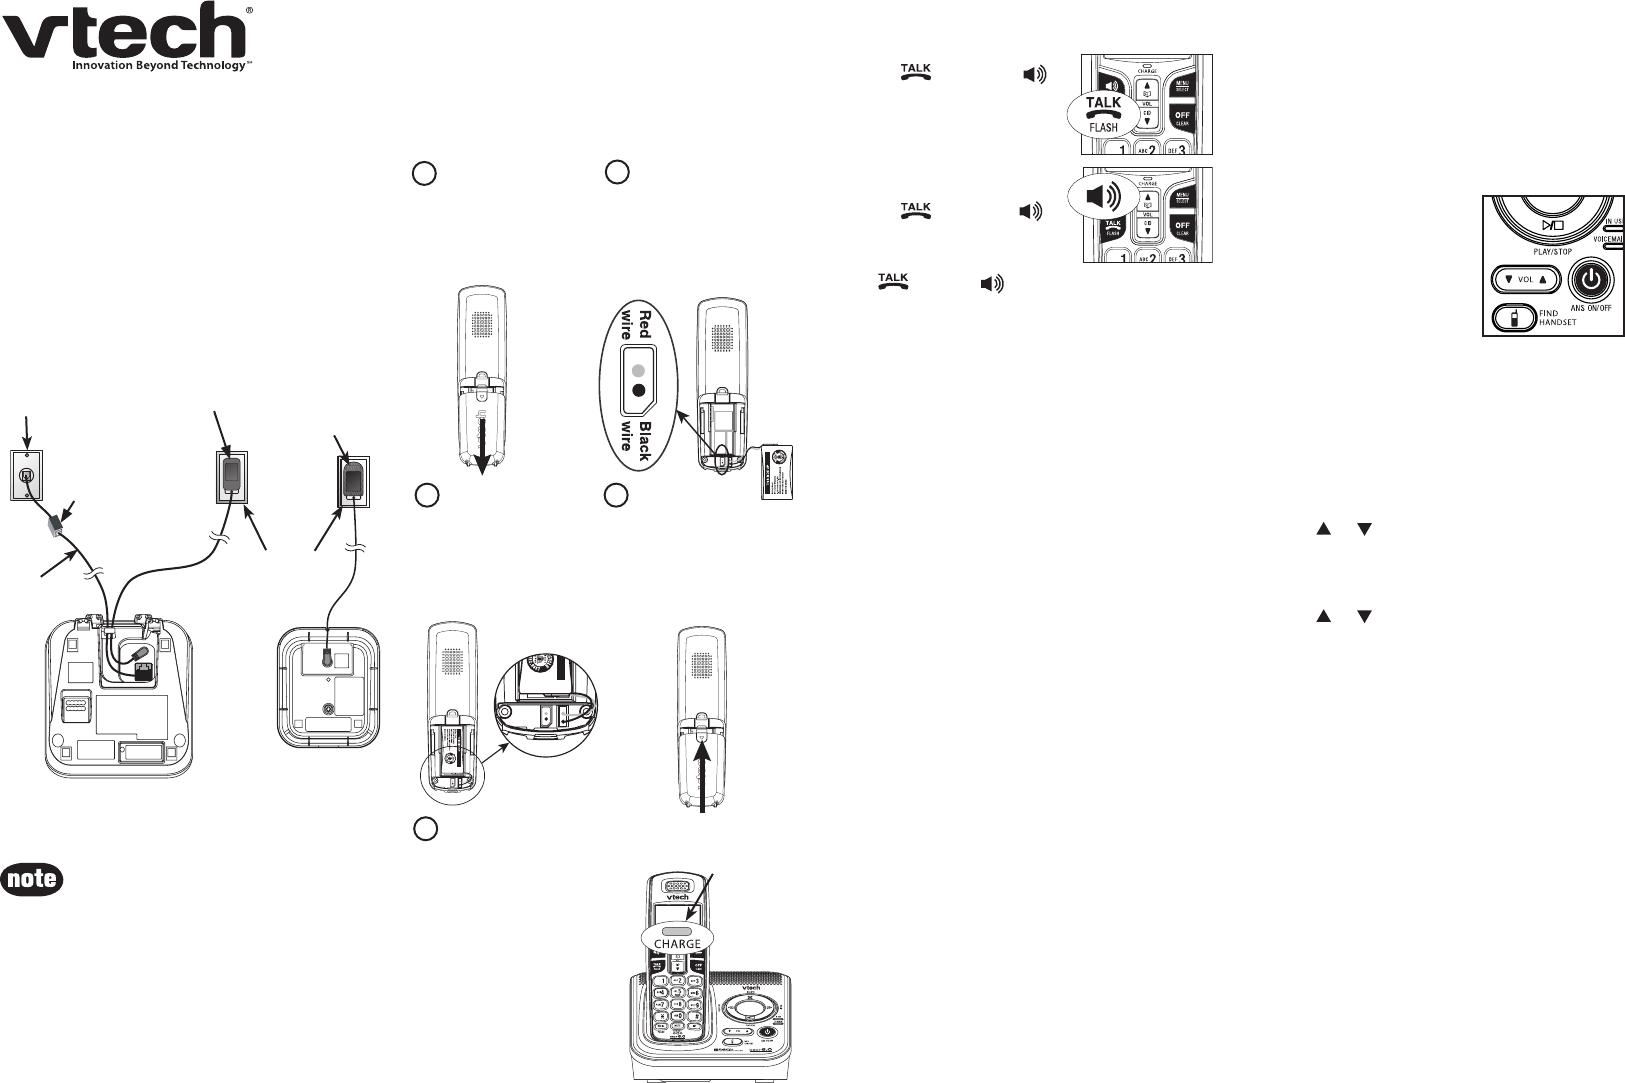 Vtech Telephone Cs6228 5 User Guide Manualsonline